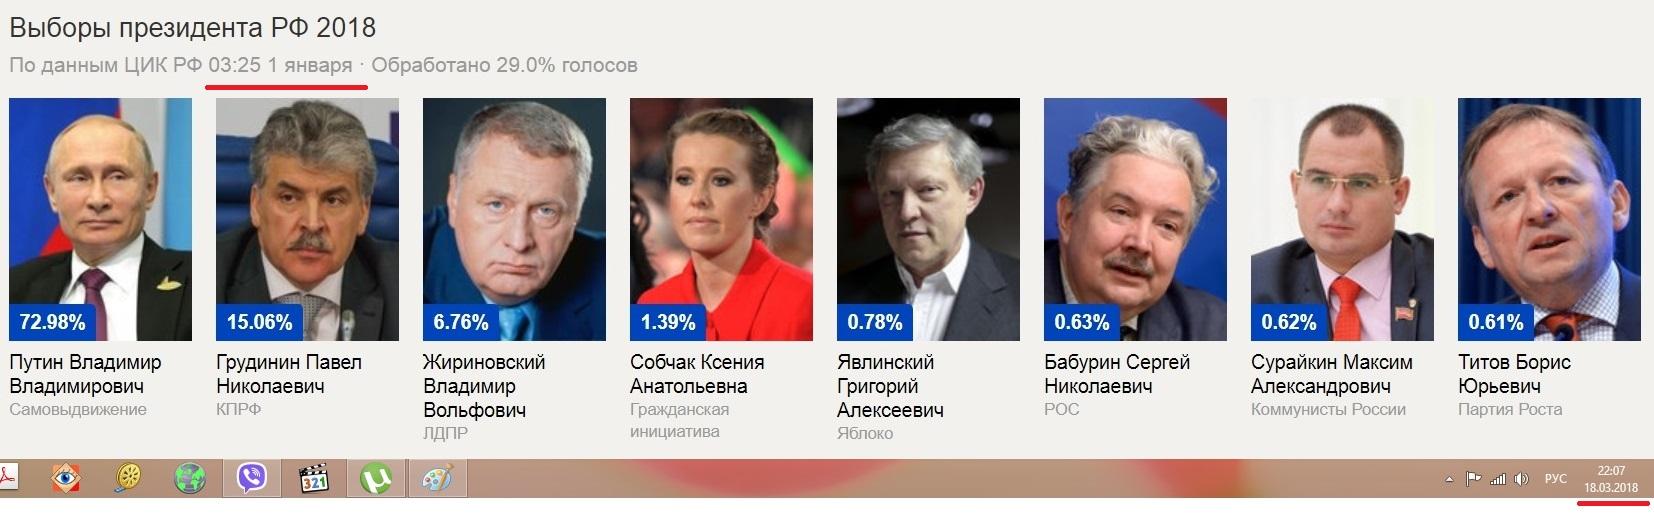 Табло результатов выборов содержит ошибки